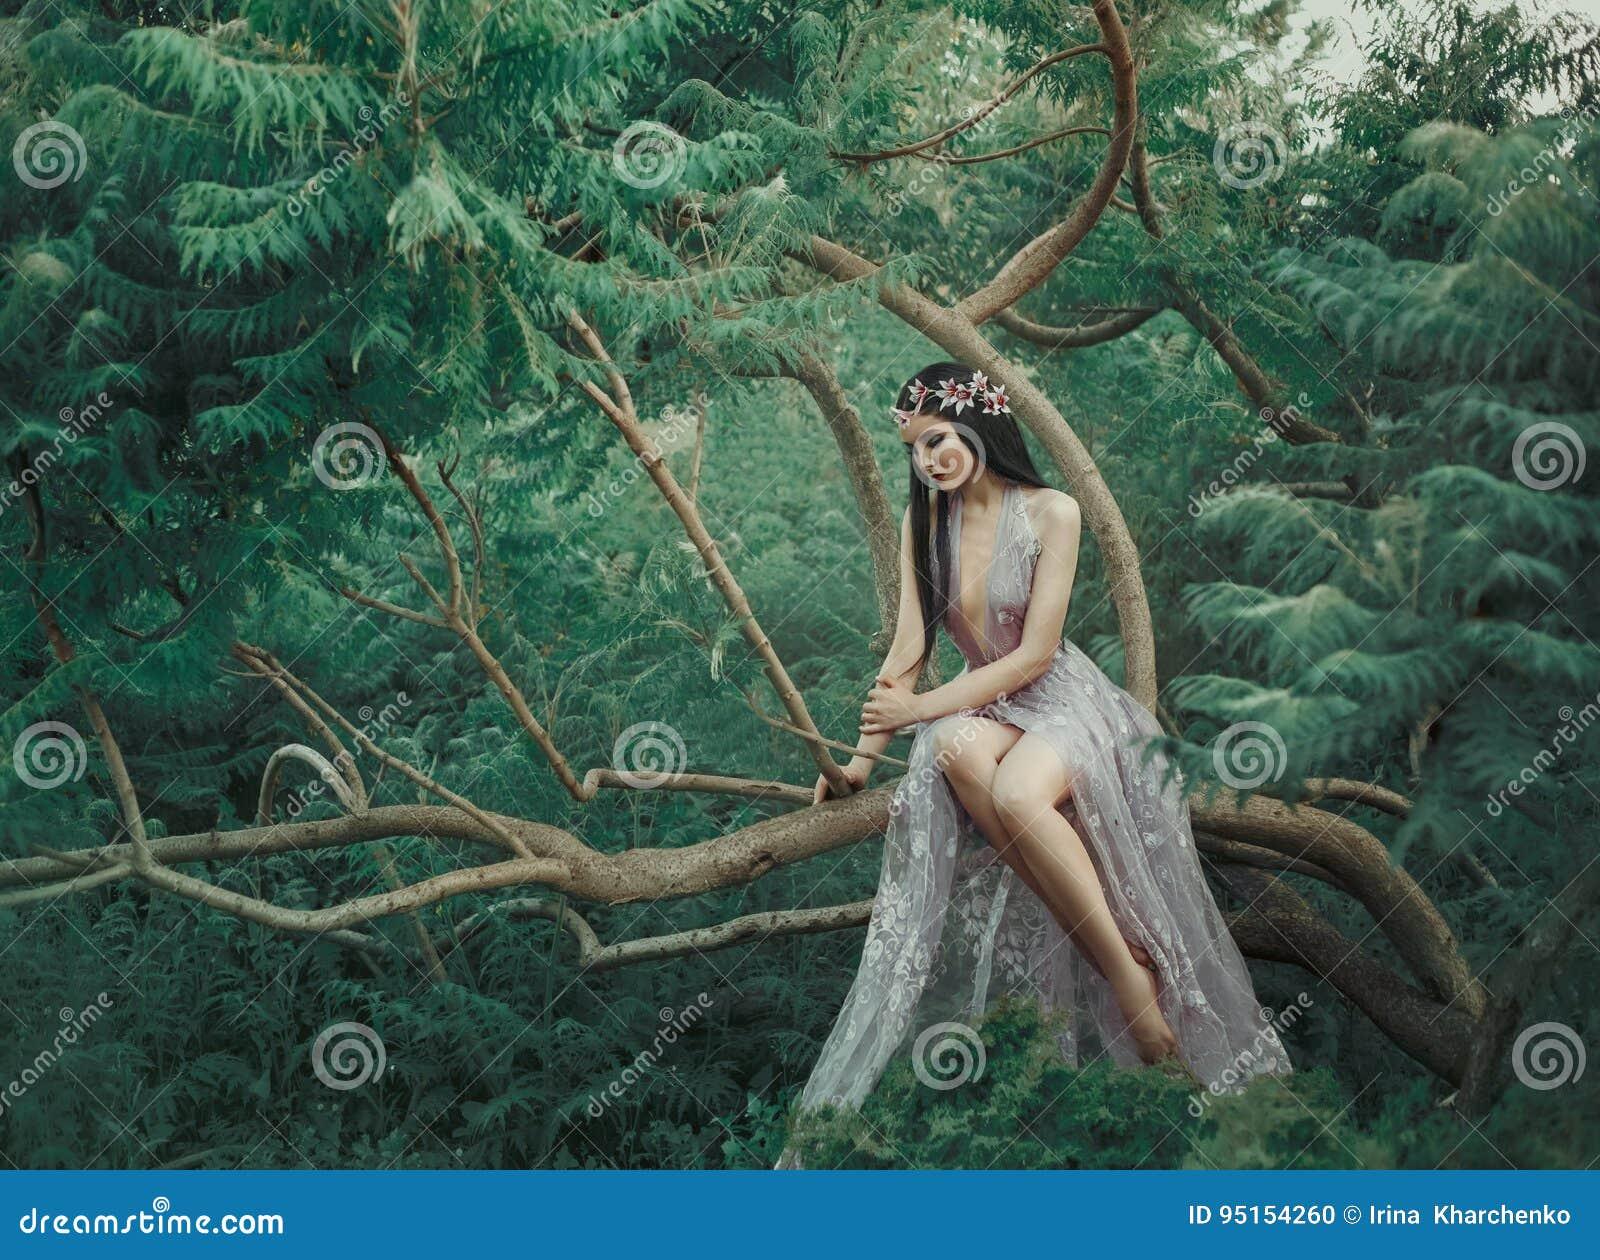 Ragazza di fantasia in un giardino leggiadramente